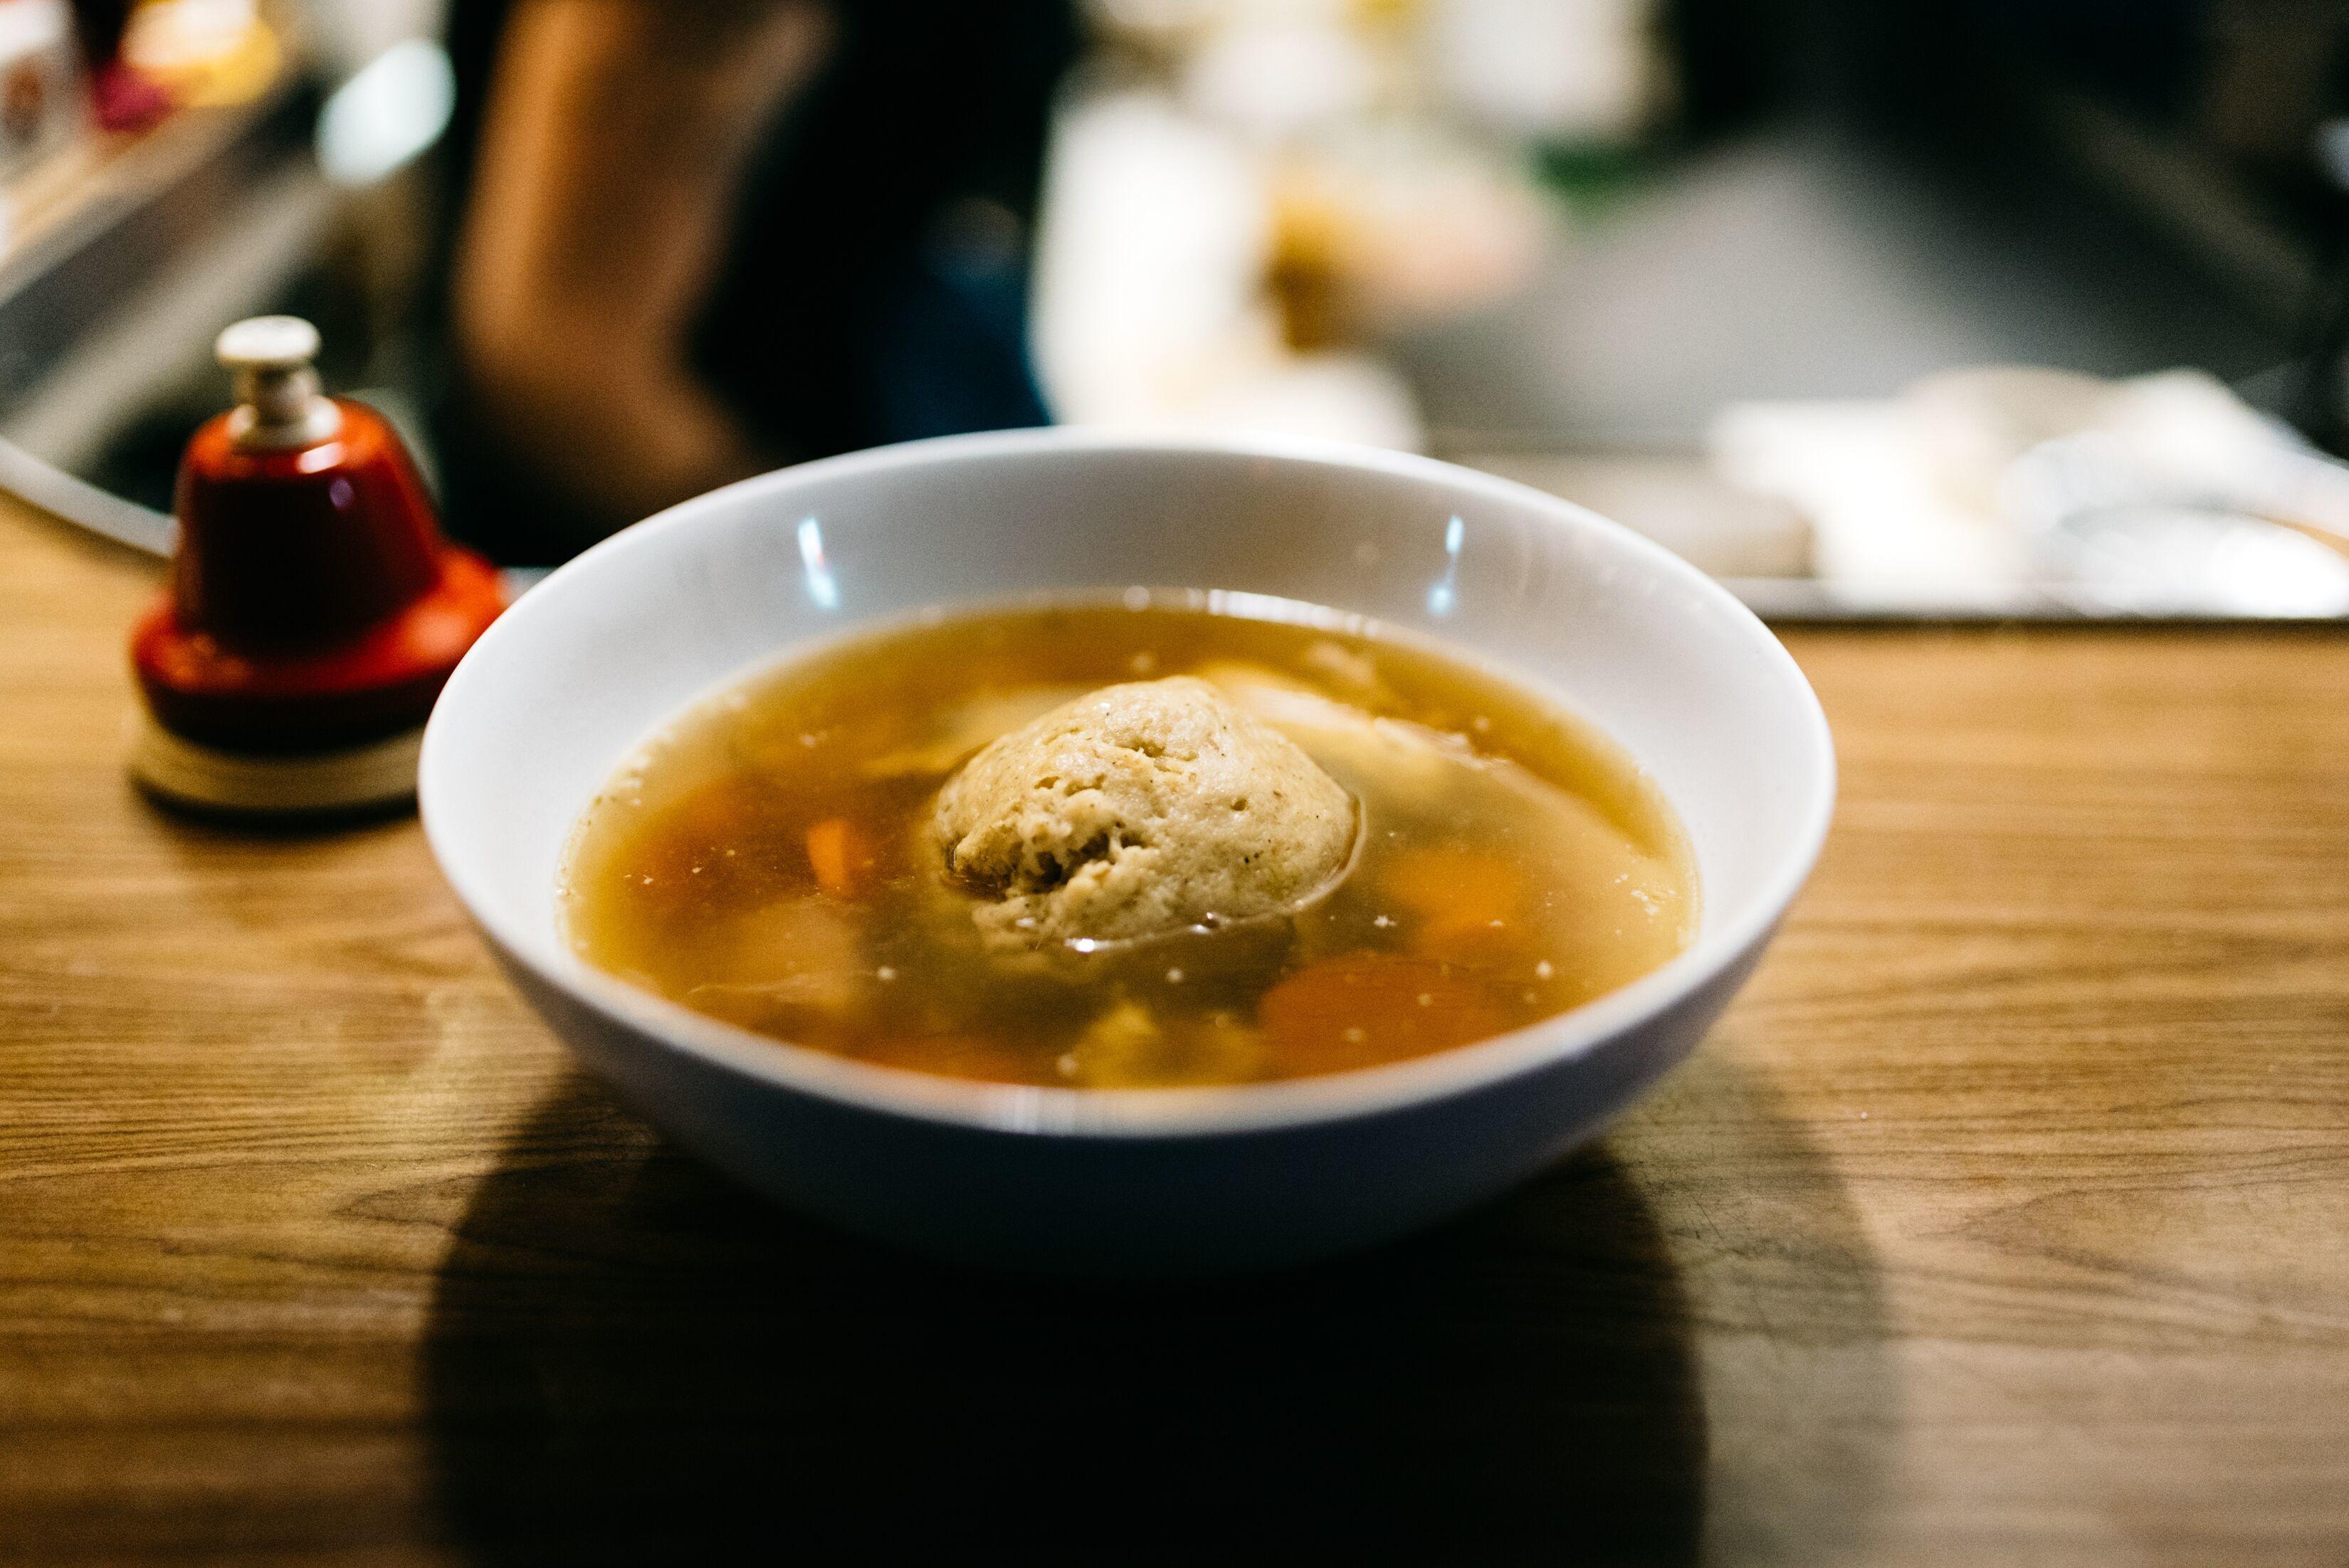 A bowl of matzah ball soup.